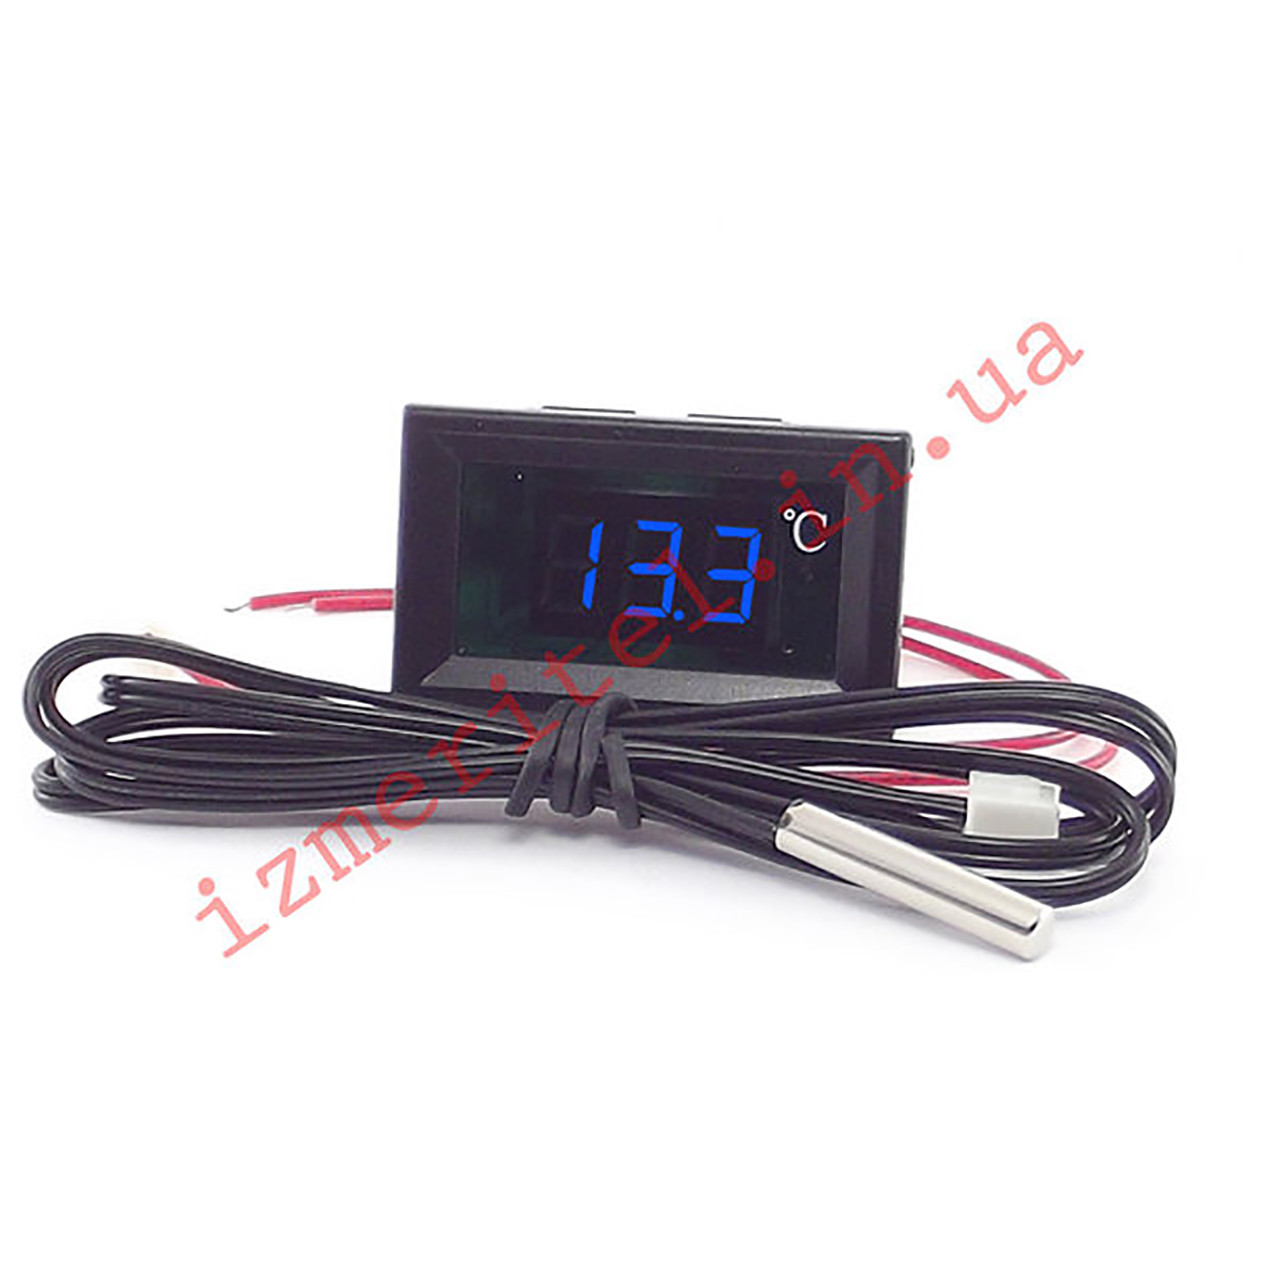 Встраиваемый цифровой термометр с выносным датчиком -50...+120 °С